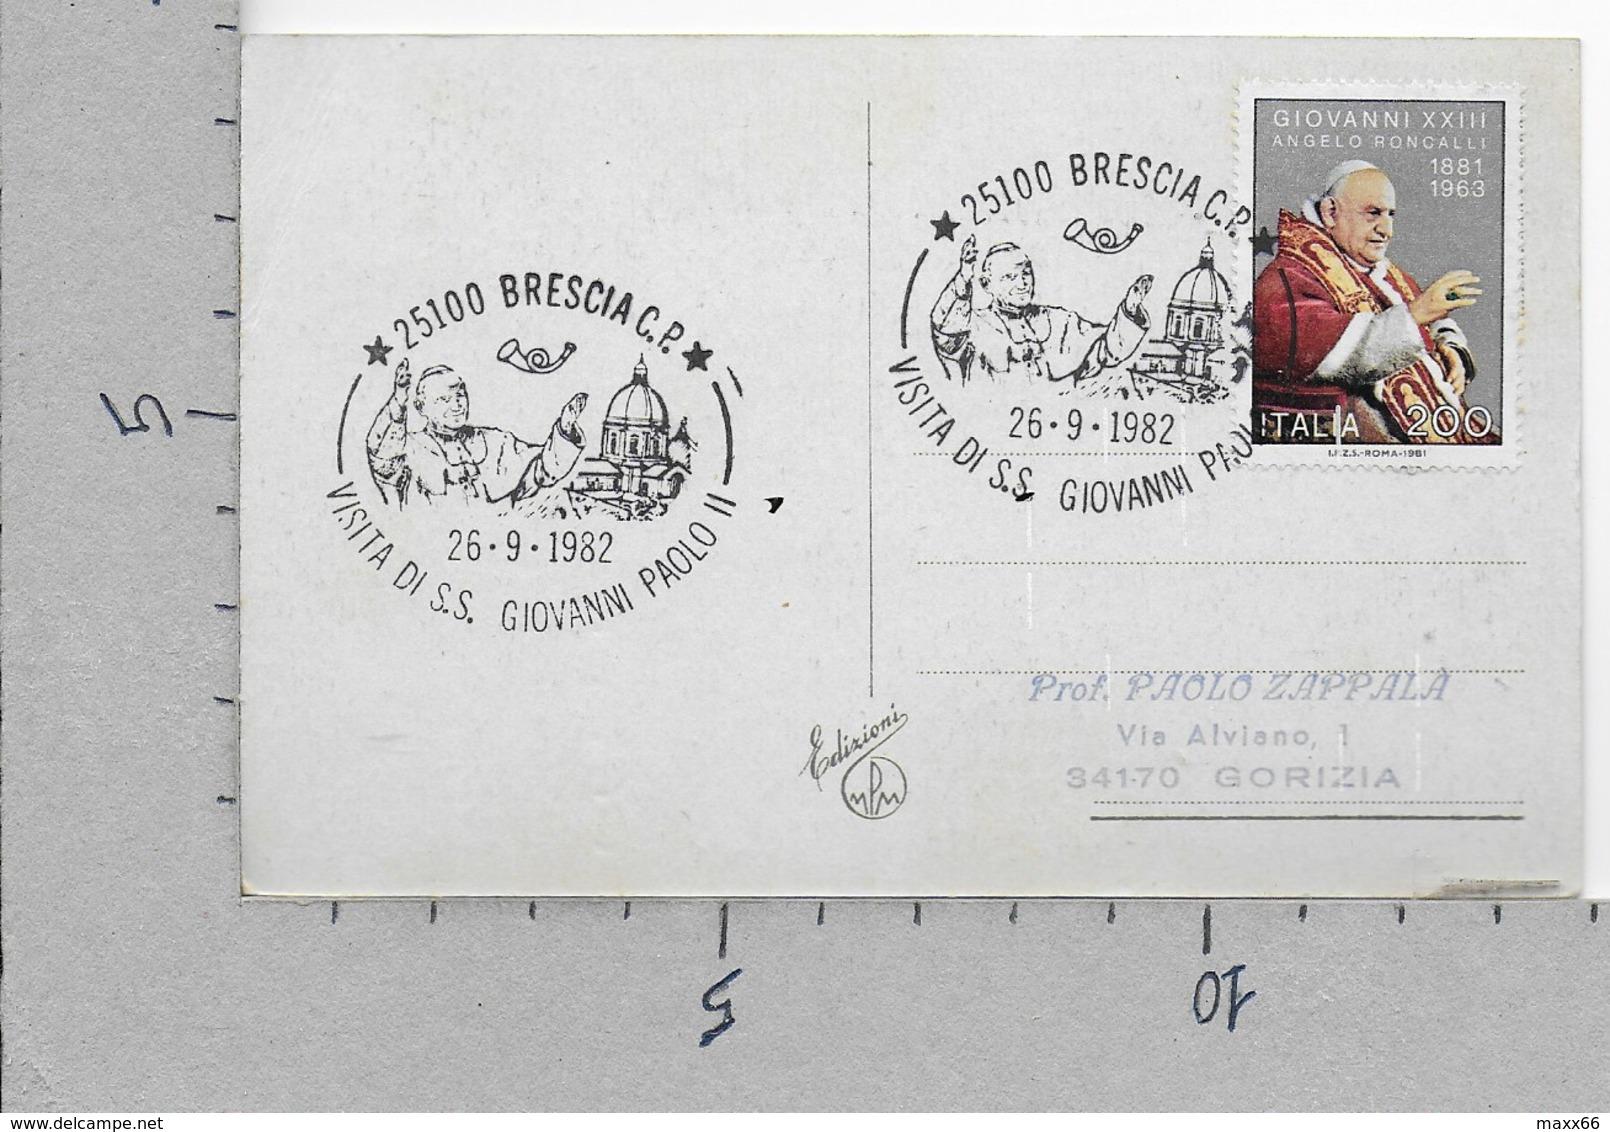 CARTOLINA VG ITALIA - BUON NATALE - MPM Edizioni - 9 X 14 - 1982 BRESCIA VISITA S.S. GIOVANNI PAOLO II - GIOVANNI XXIII - Altri